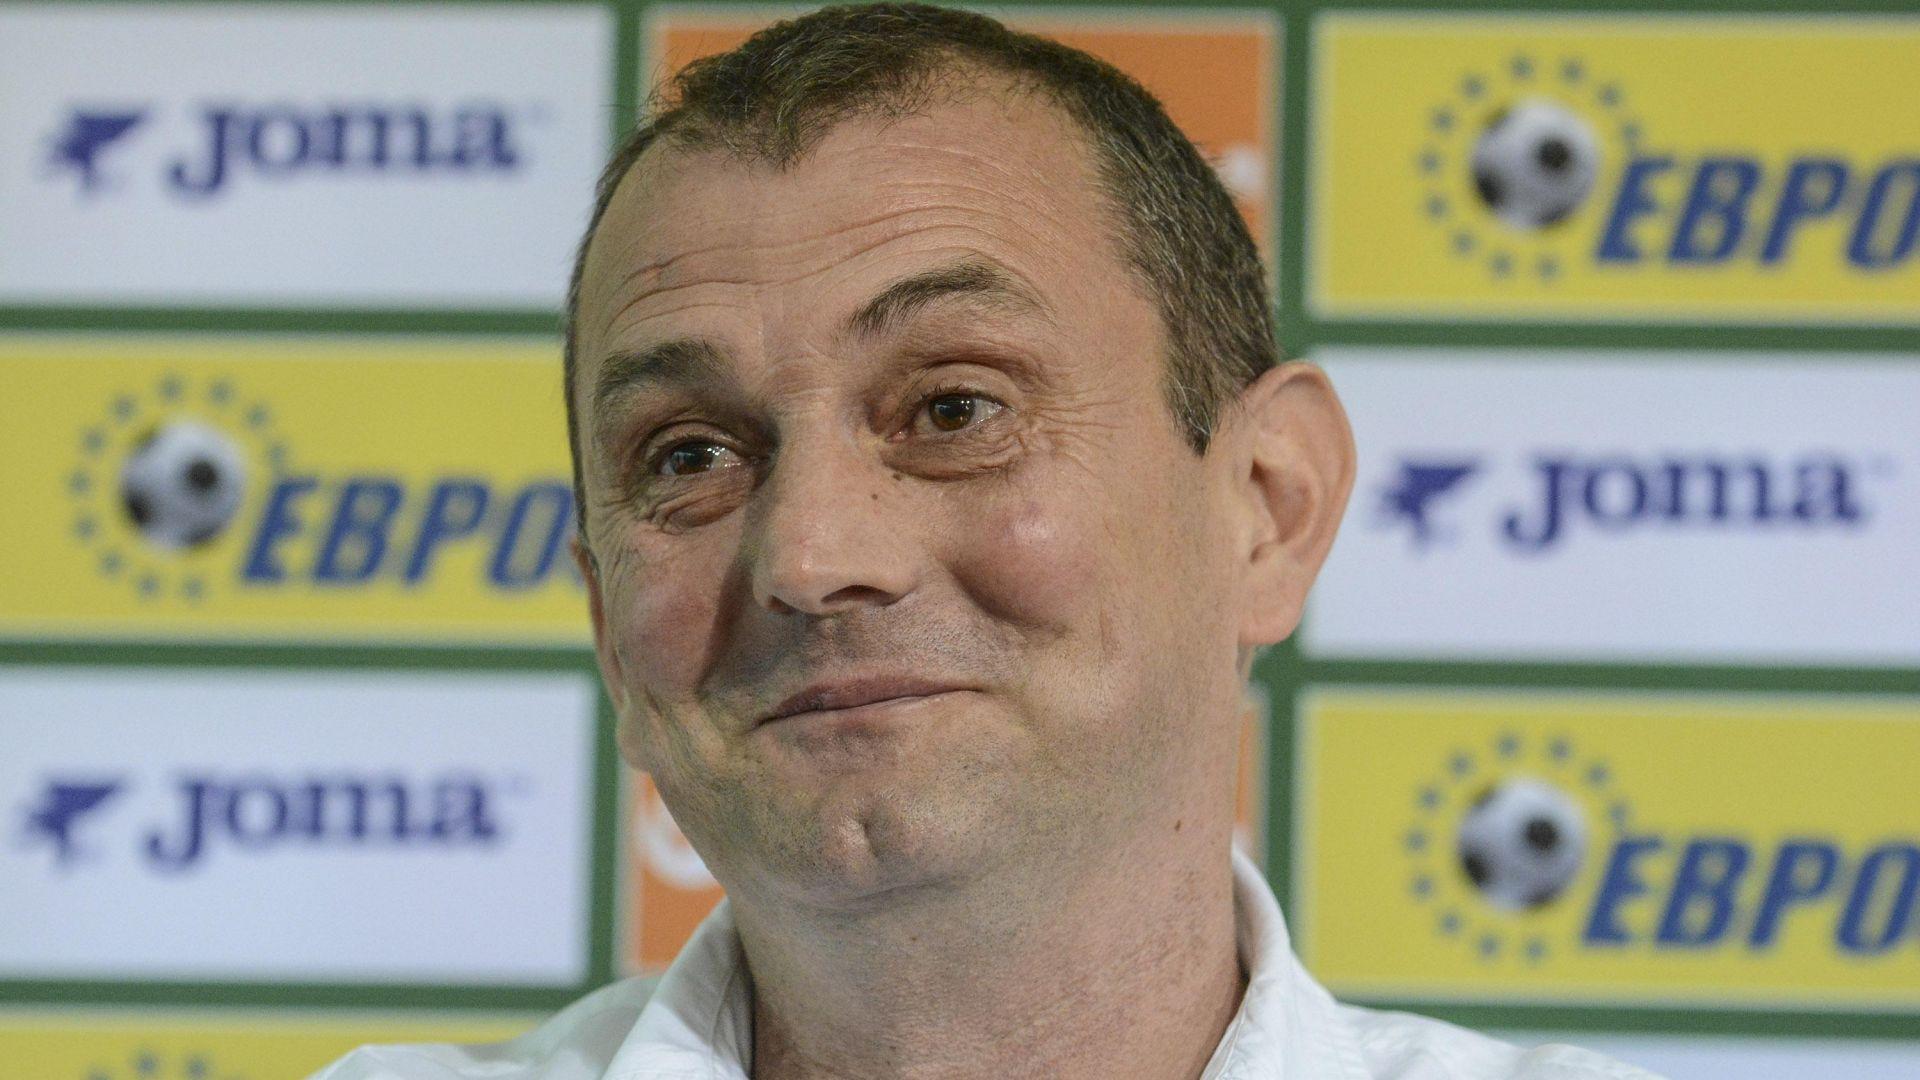 """Златомир Загорчич: """"Левски"""" е абсолютен фаворит, ще бъде трудно"""